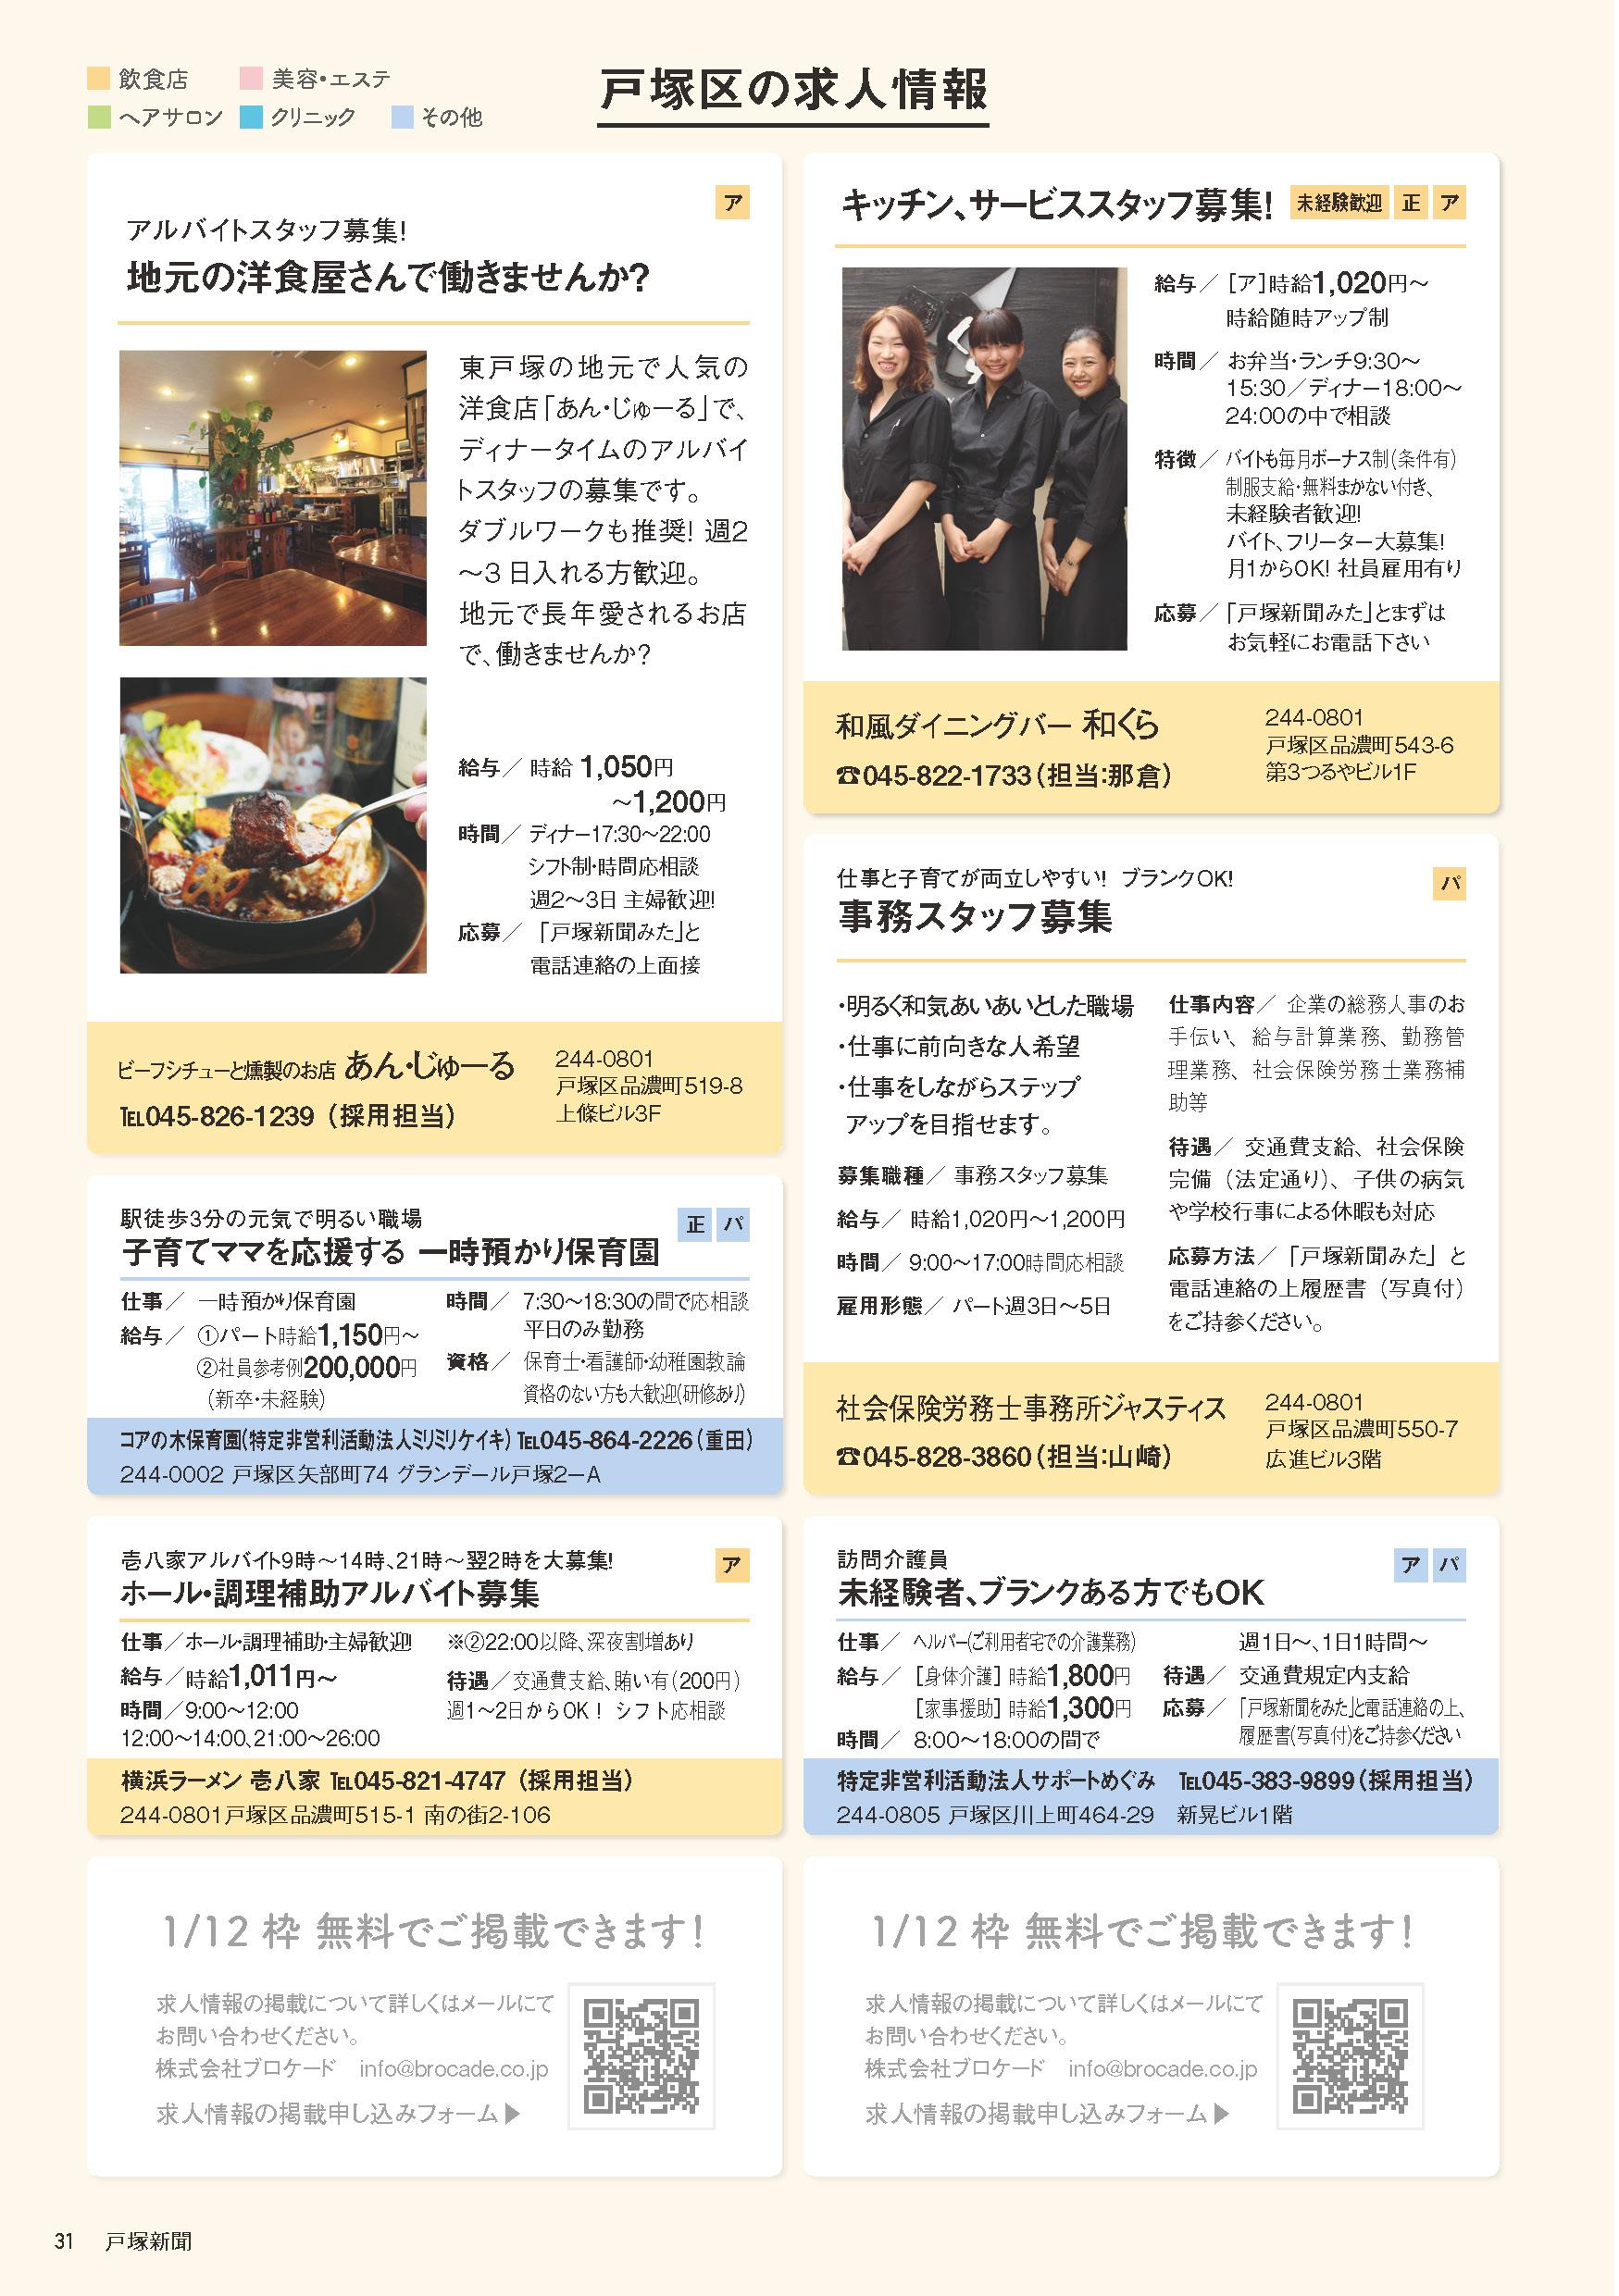 戸塚新聞2020年6月号_ページ_31